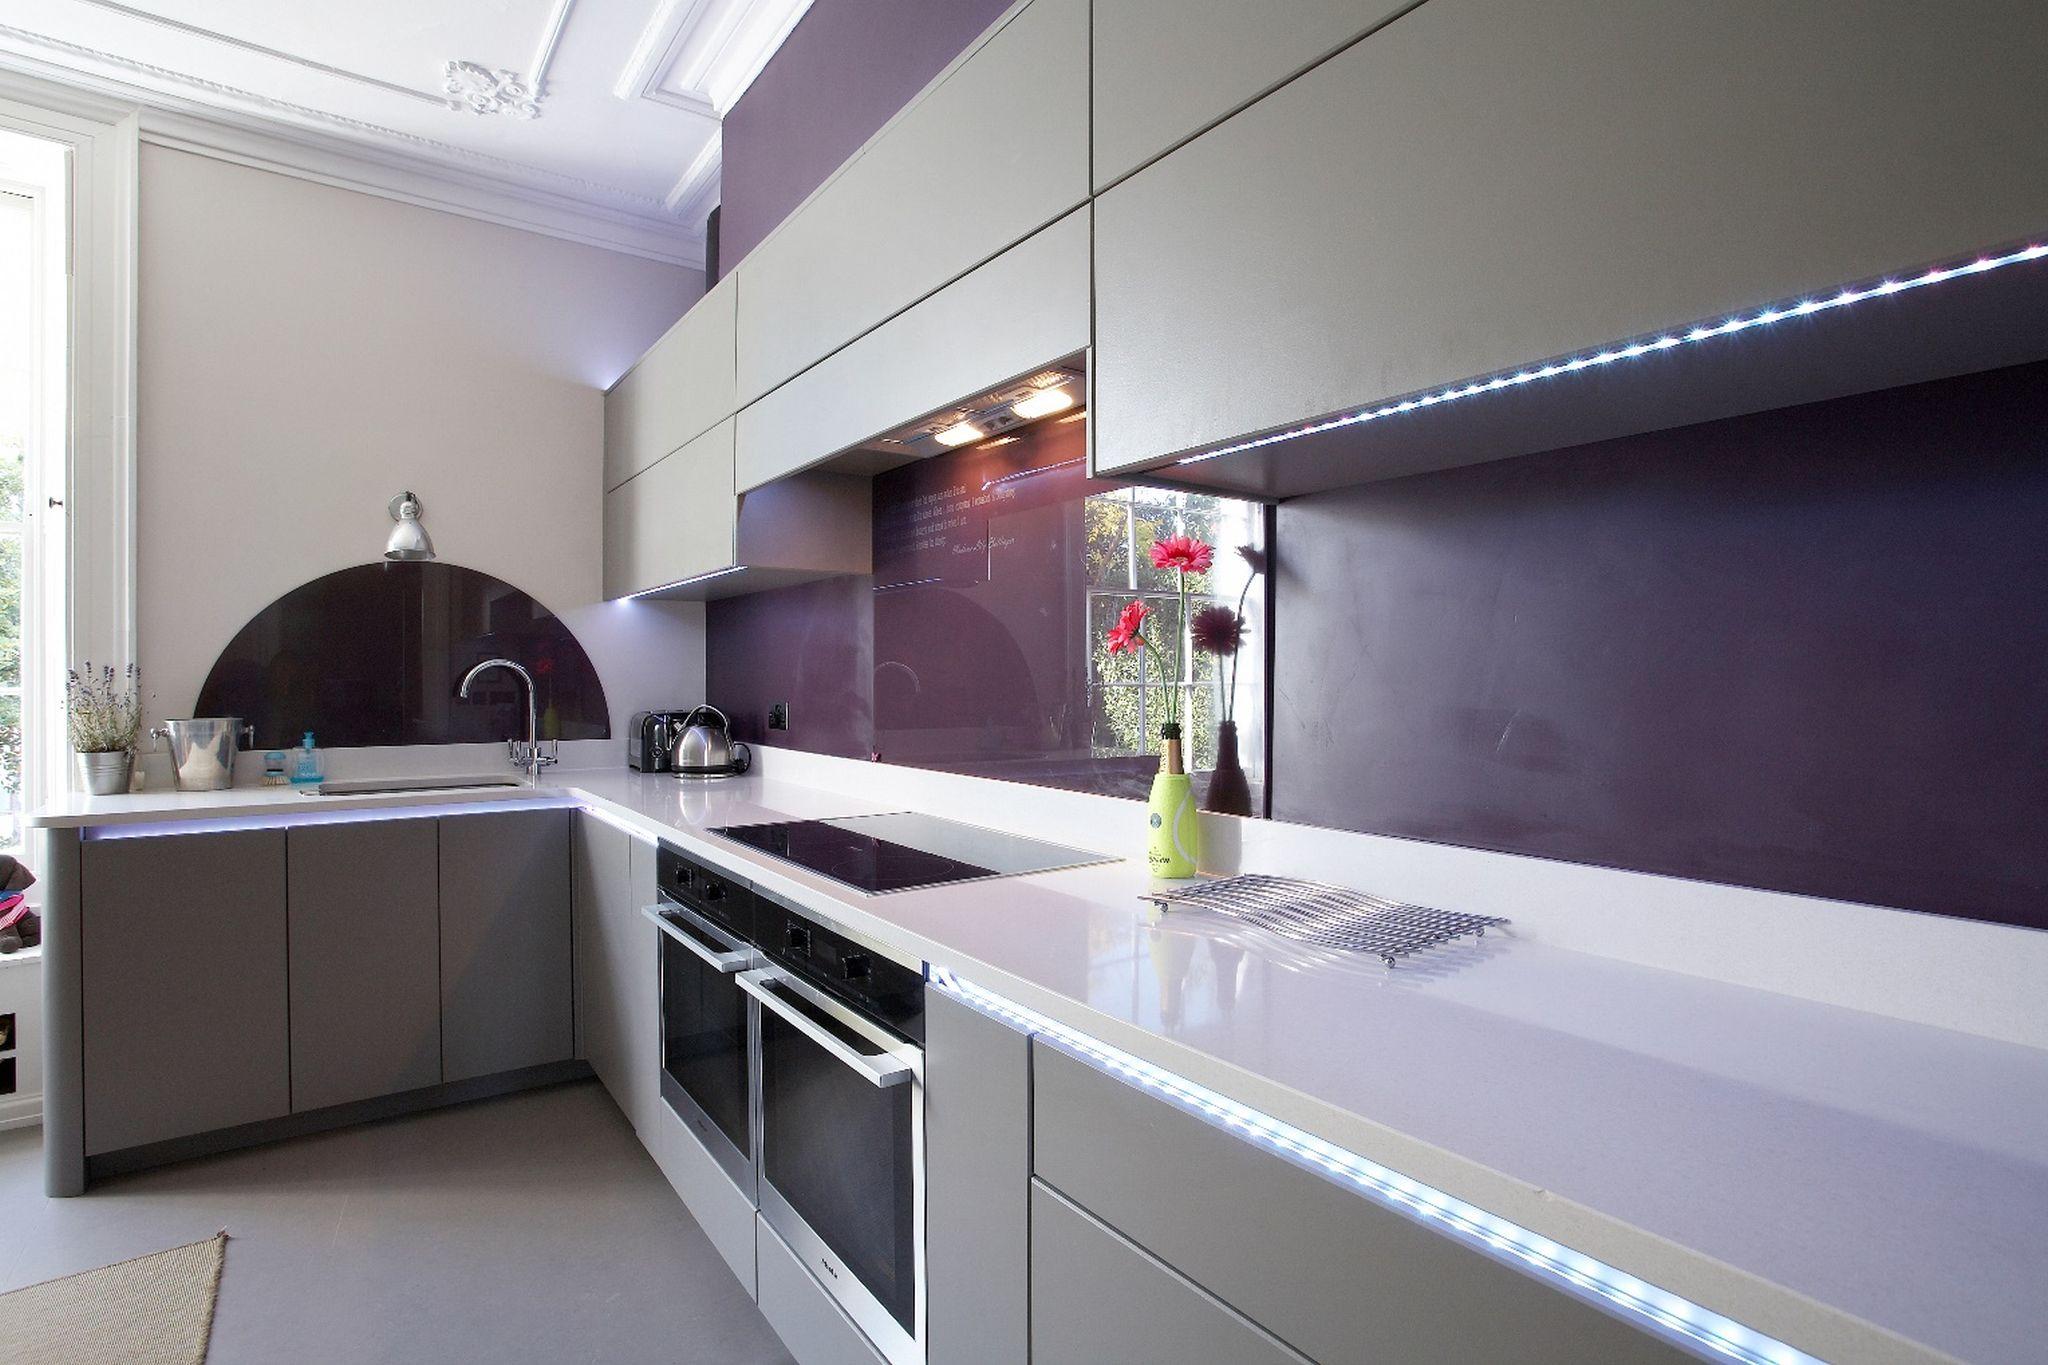 Tezgahta bir lavabo nasıl kesilir Mutfak tezgahı